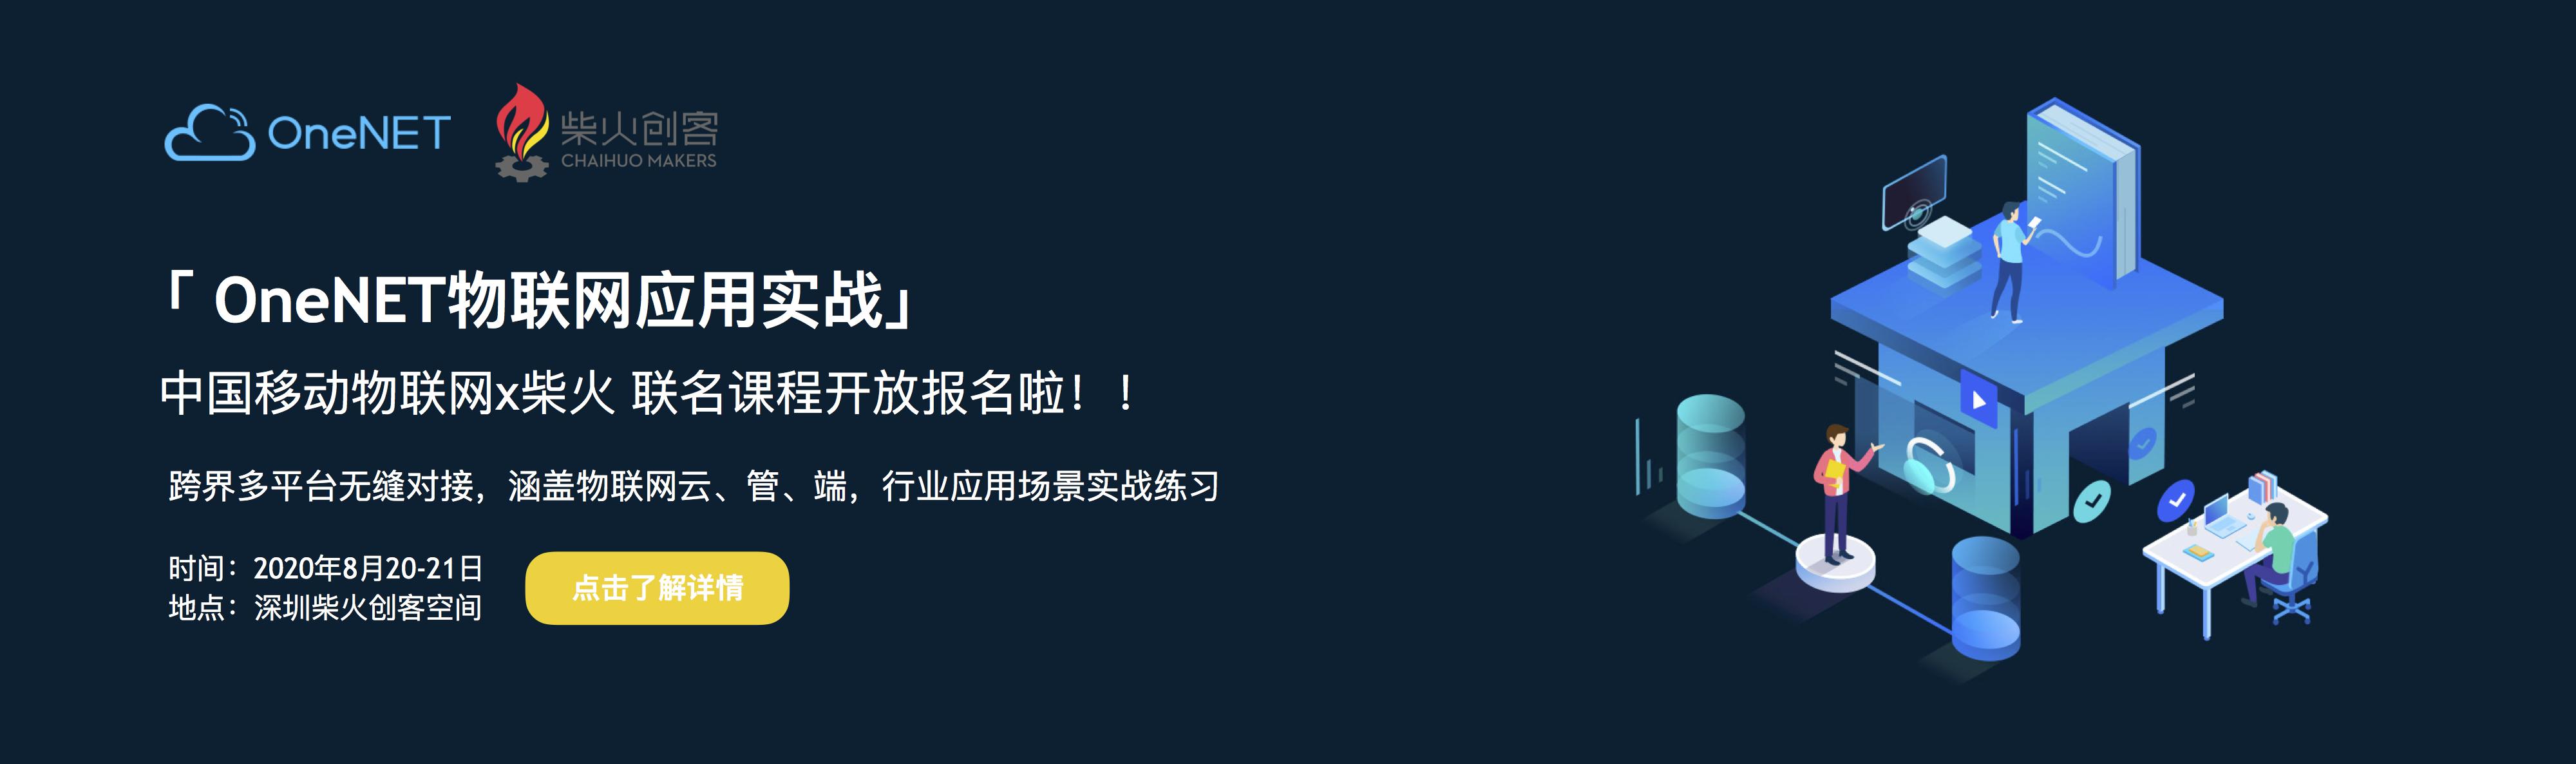 柴火x 中国移动物联网